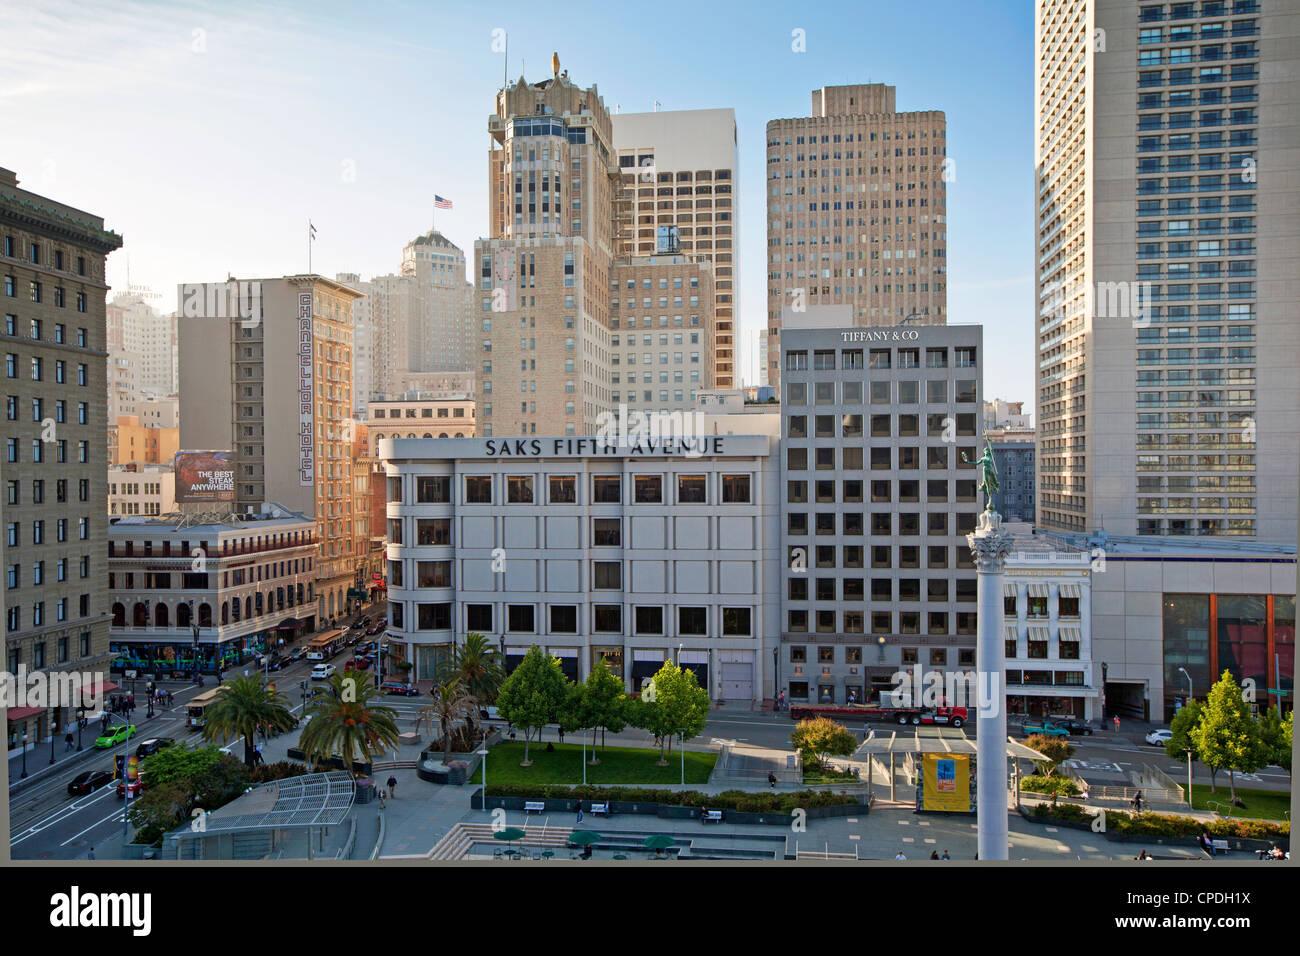 Downtown, Union Square, San Francisco, Kalifornien, Vereinigte Staaten von Amerika, Nordamerika Stockbild